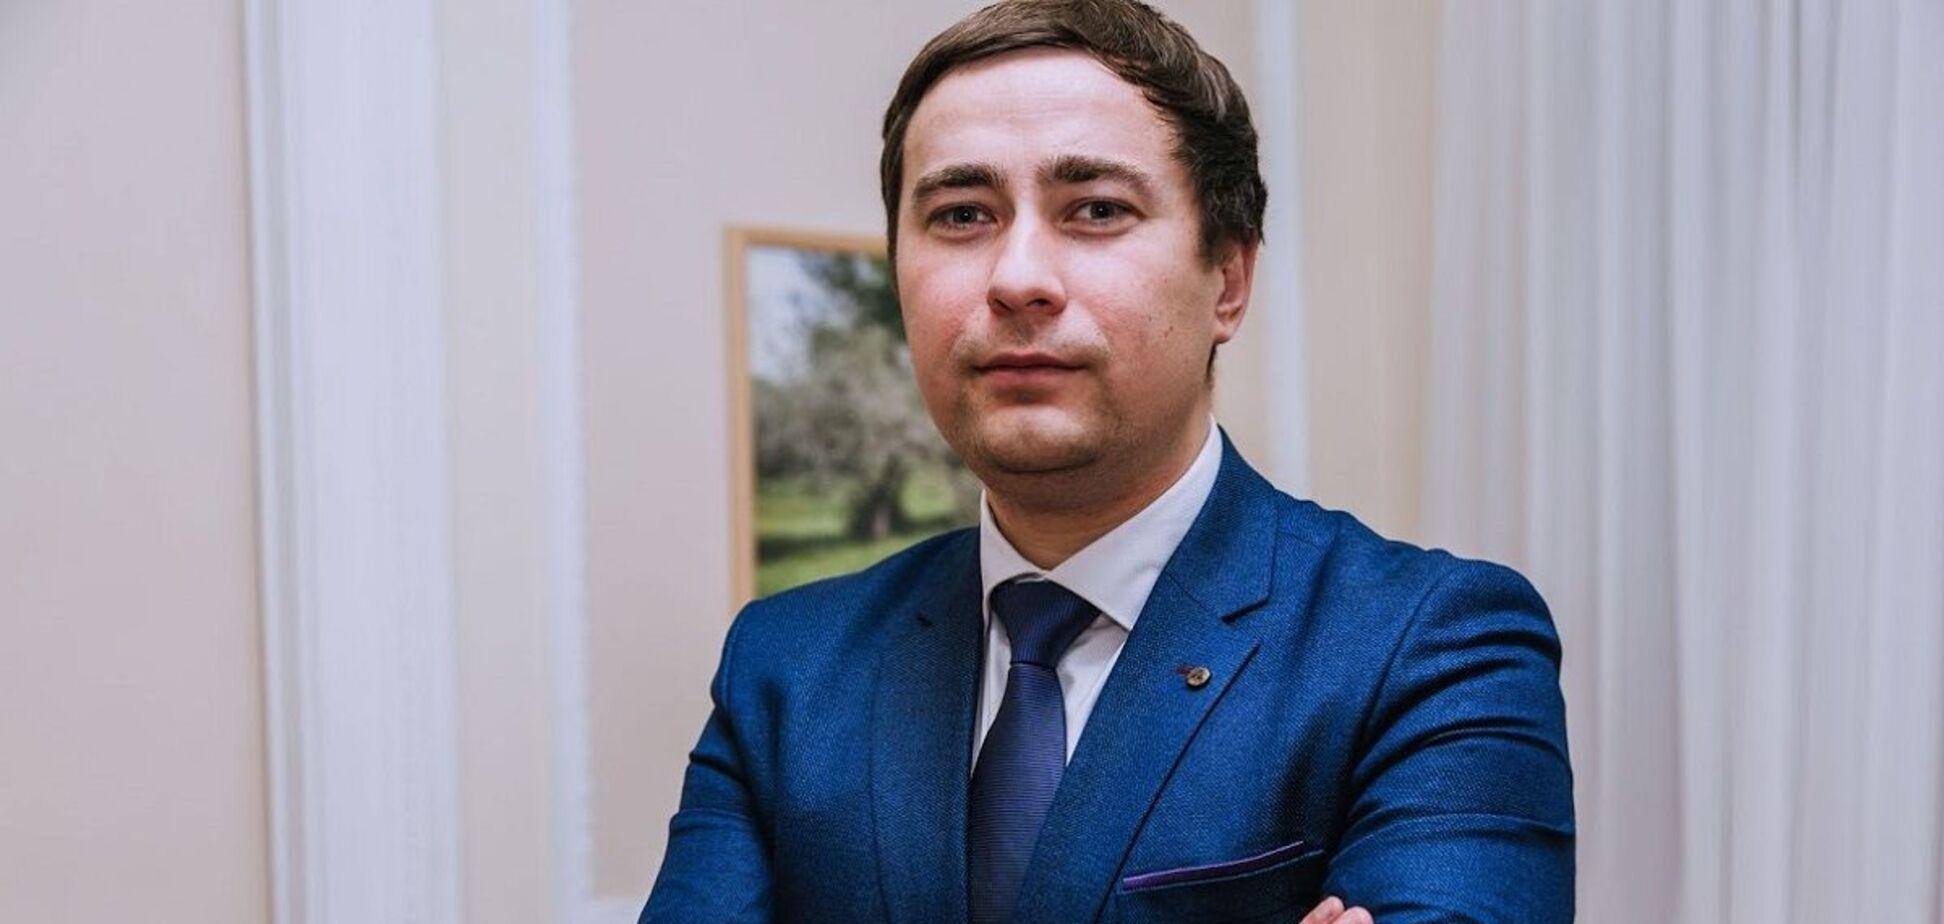 В 2020 году мы восстанавливаем справедливость и возвращаем право распоряжаться землей народа, – Лещенко